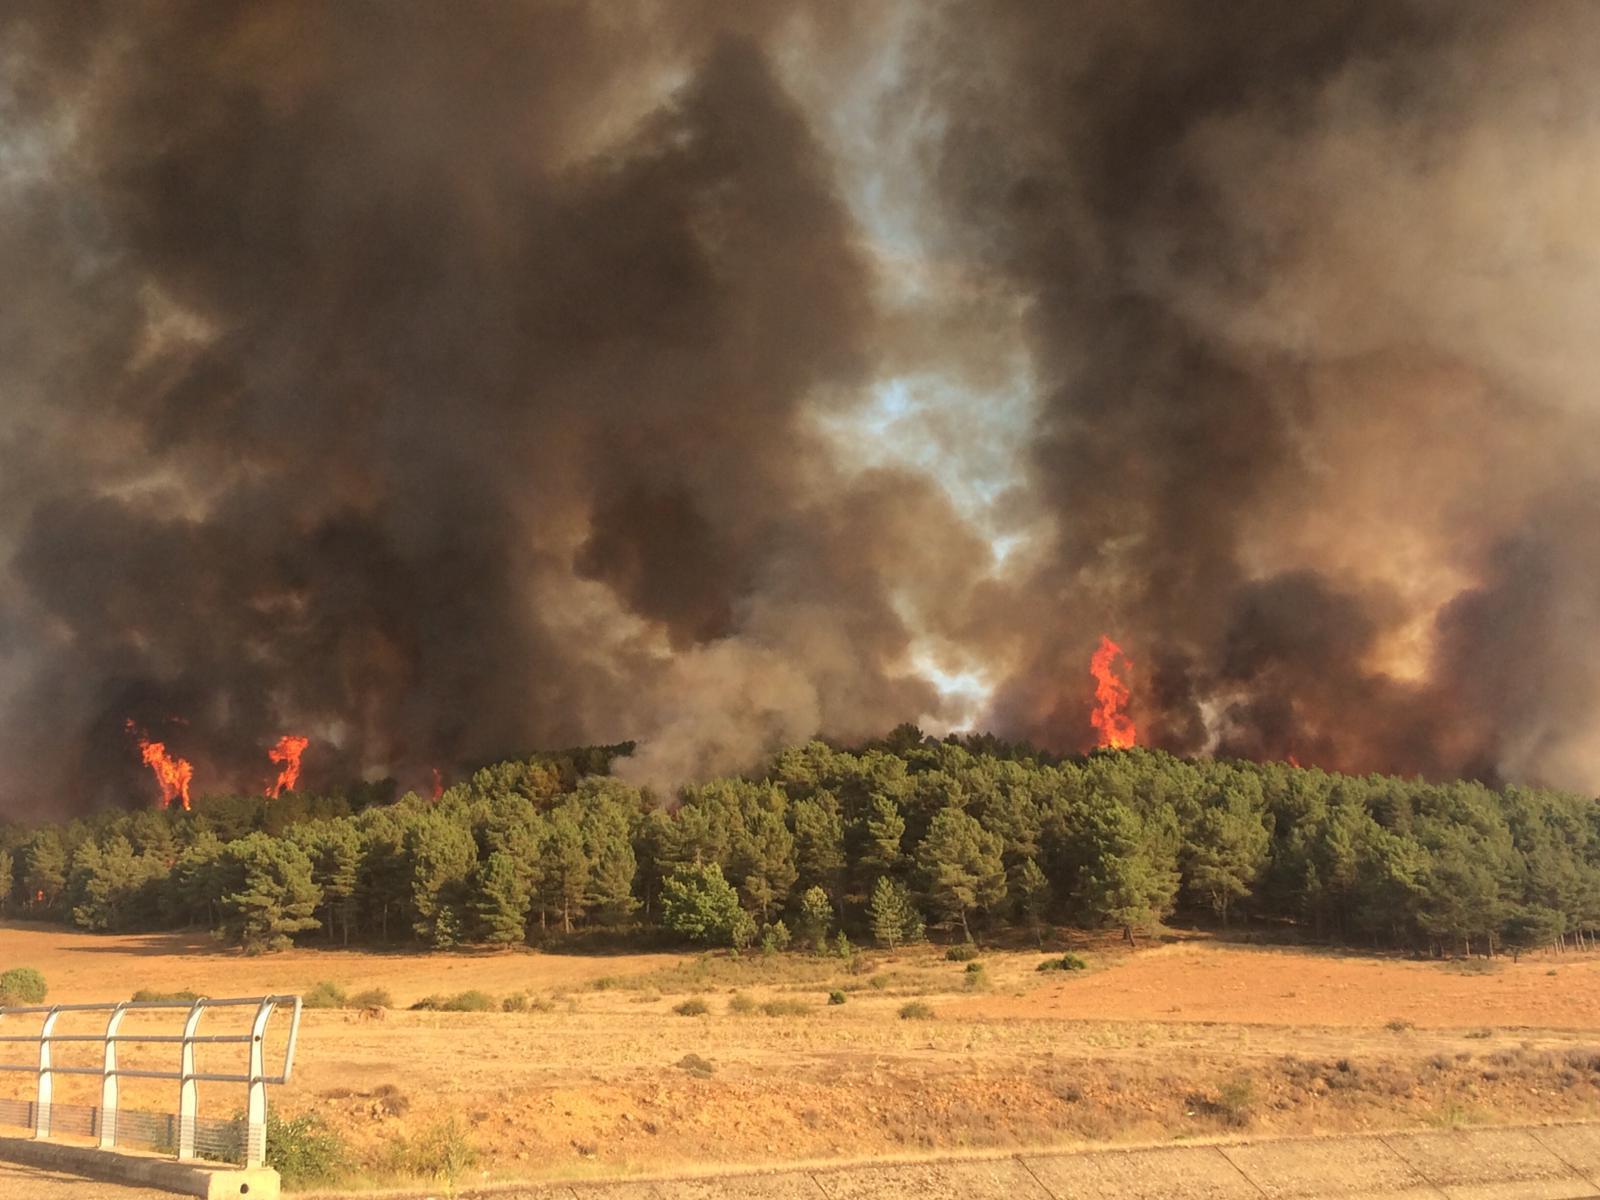 Virulento incendio en Villapadierna